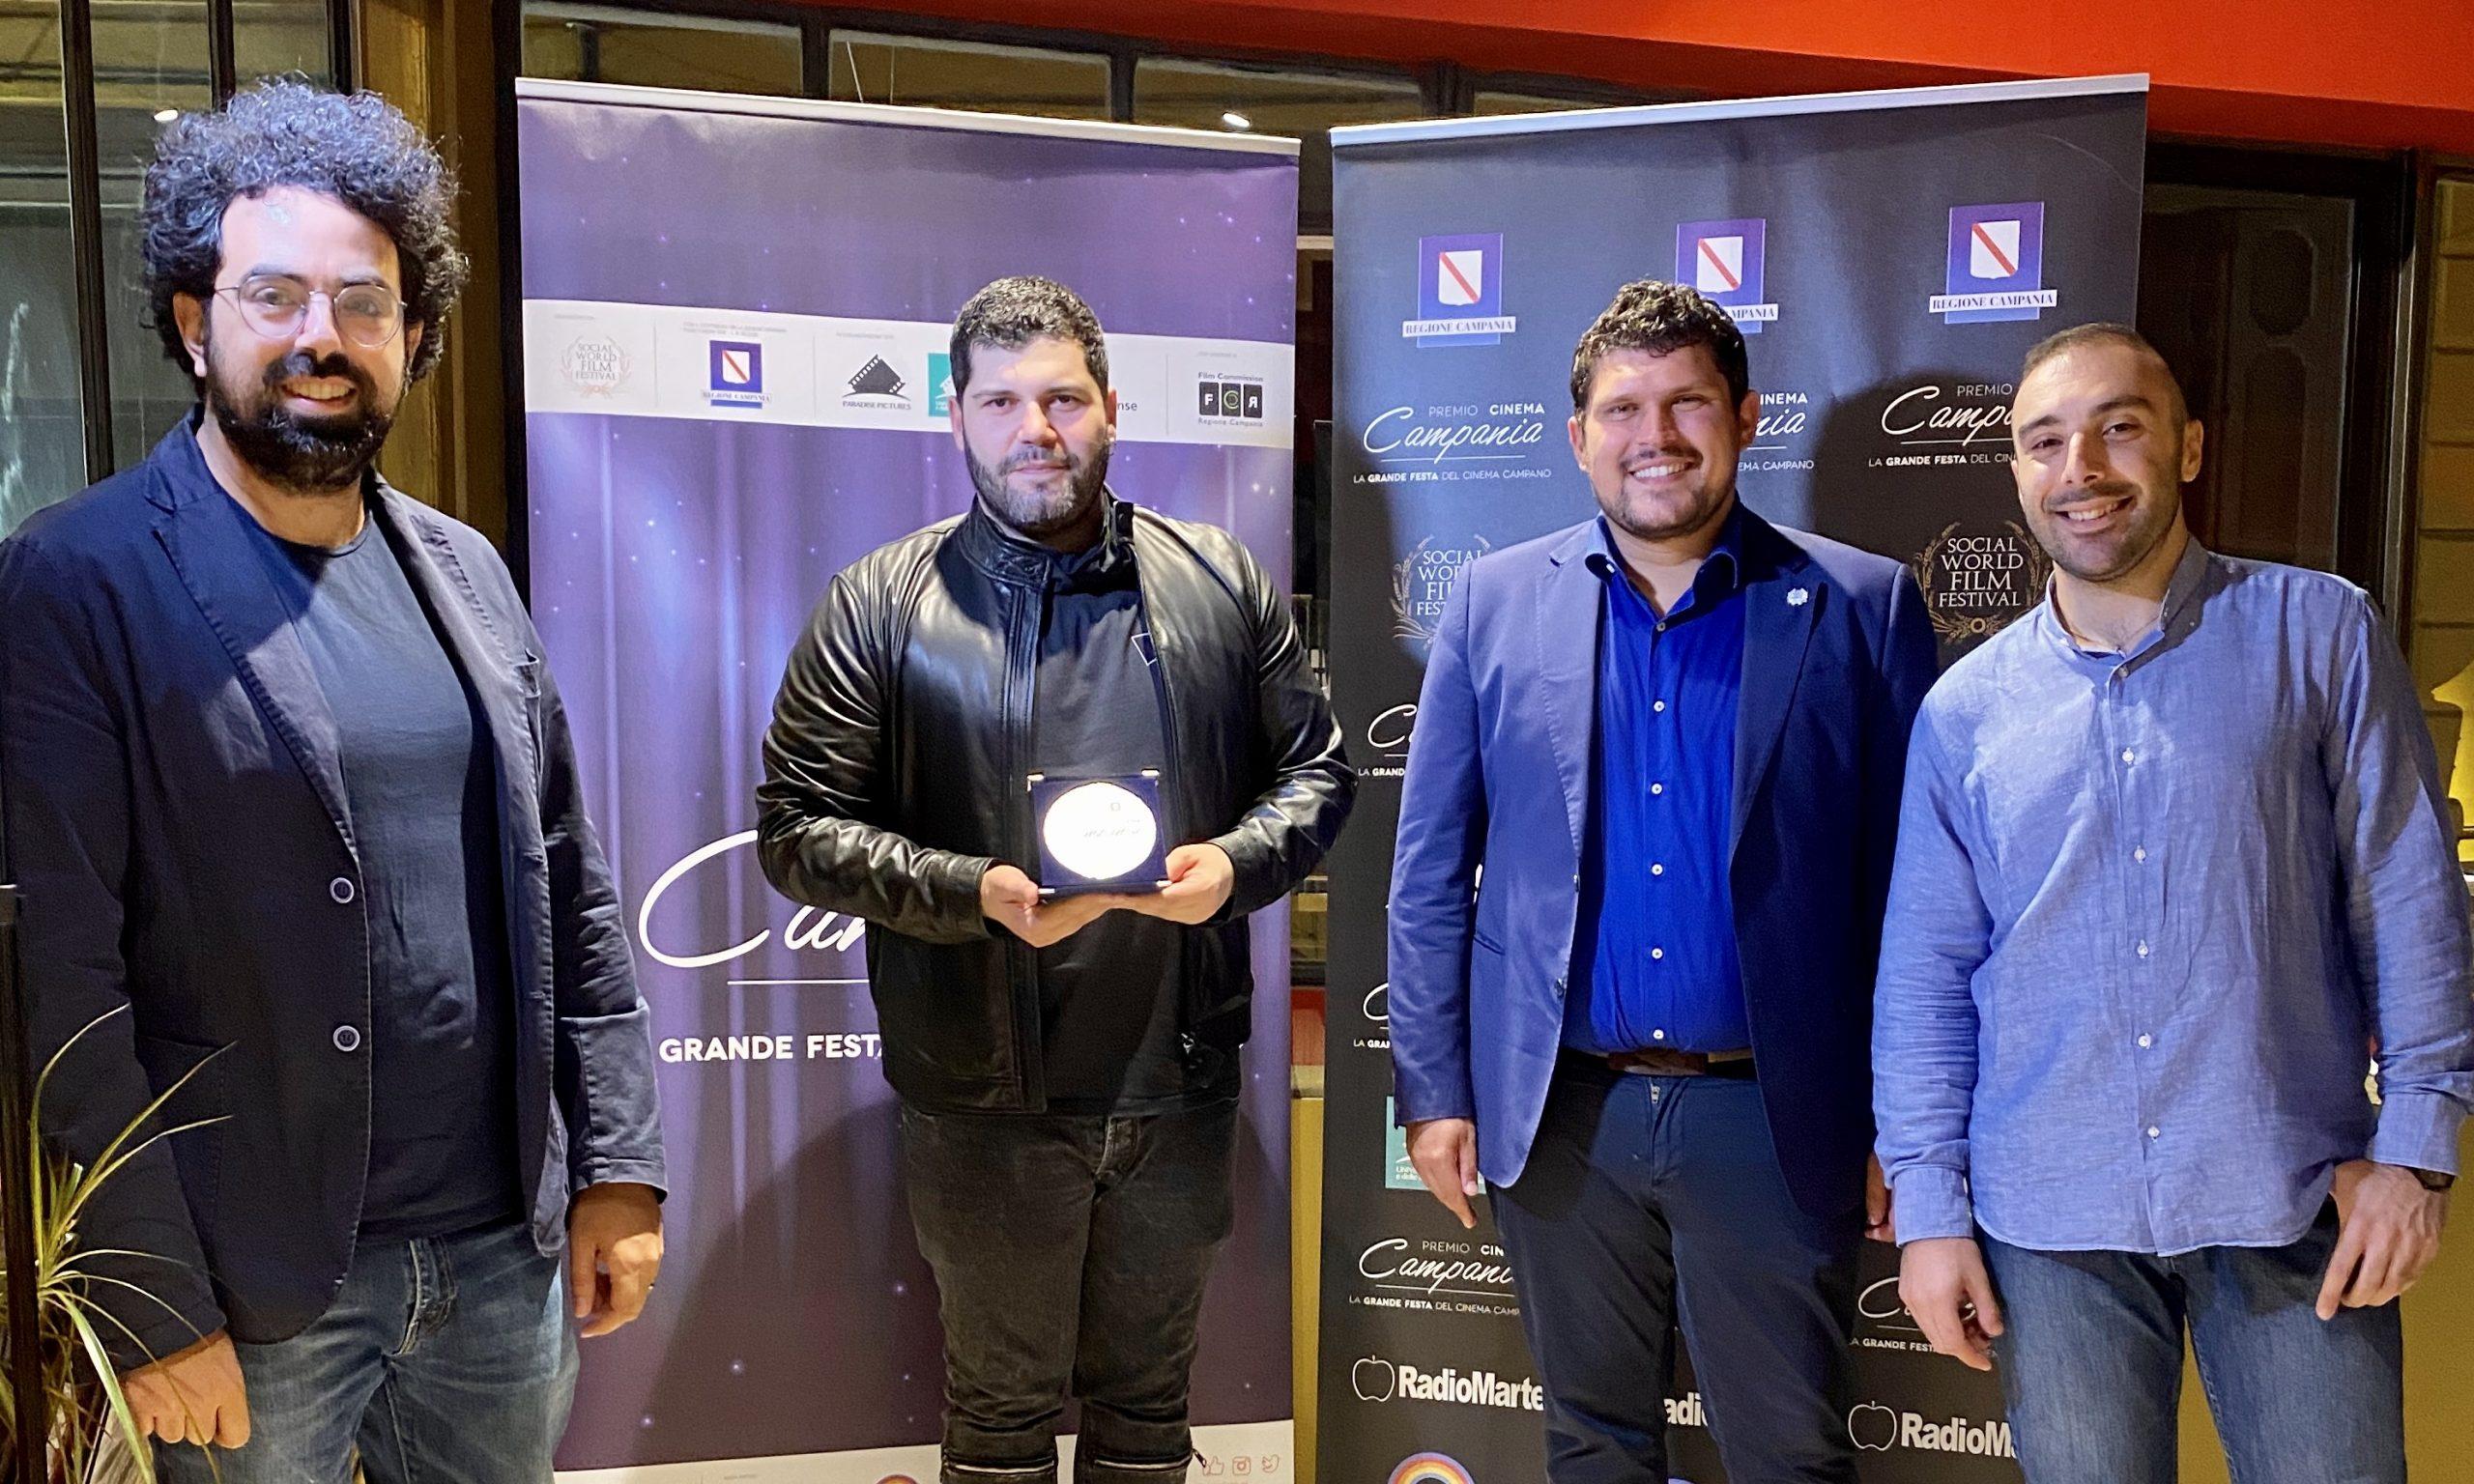 Consegnato a Salvatore Esposito il Premio Cinema Campania 2020